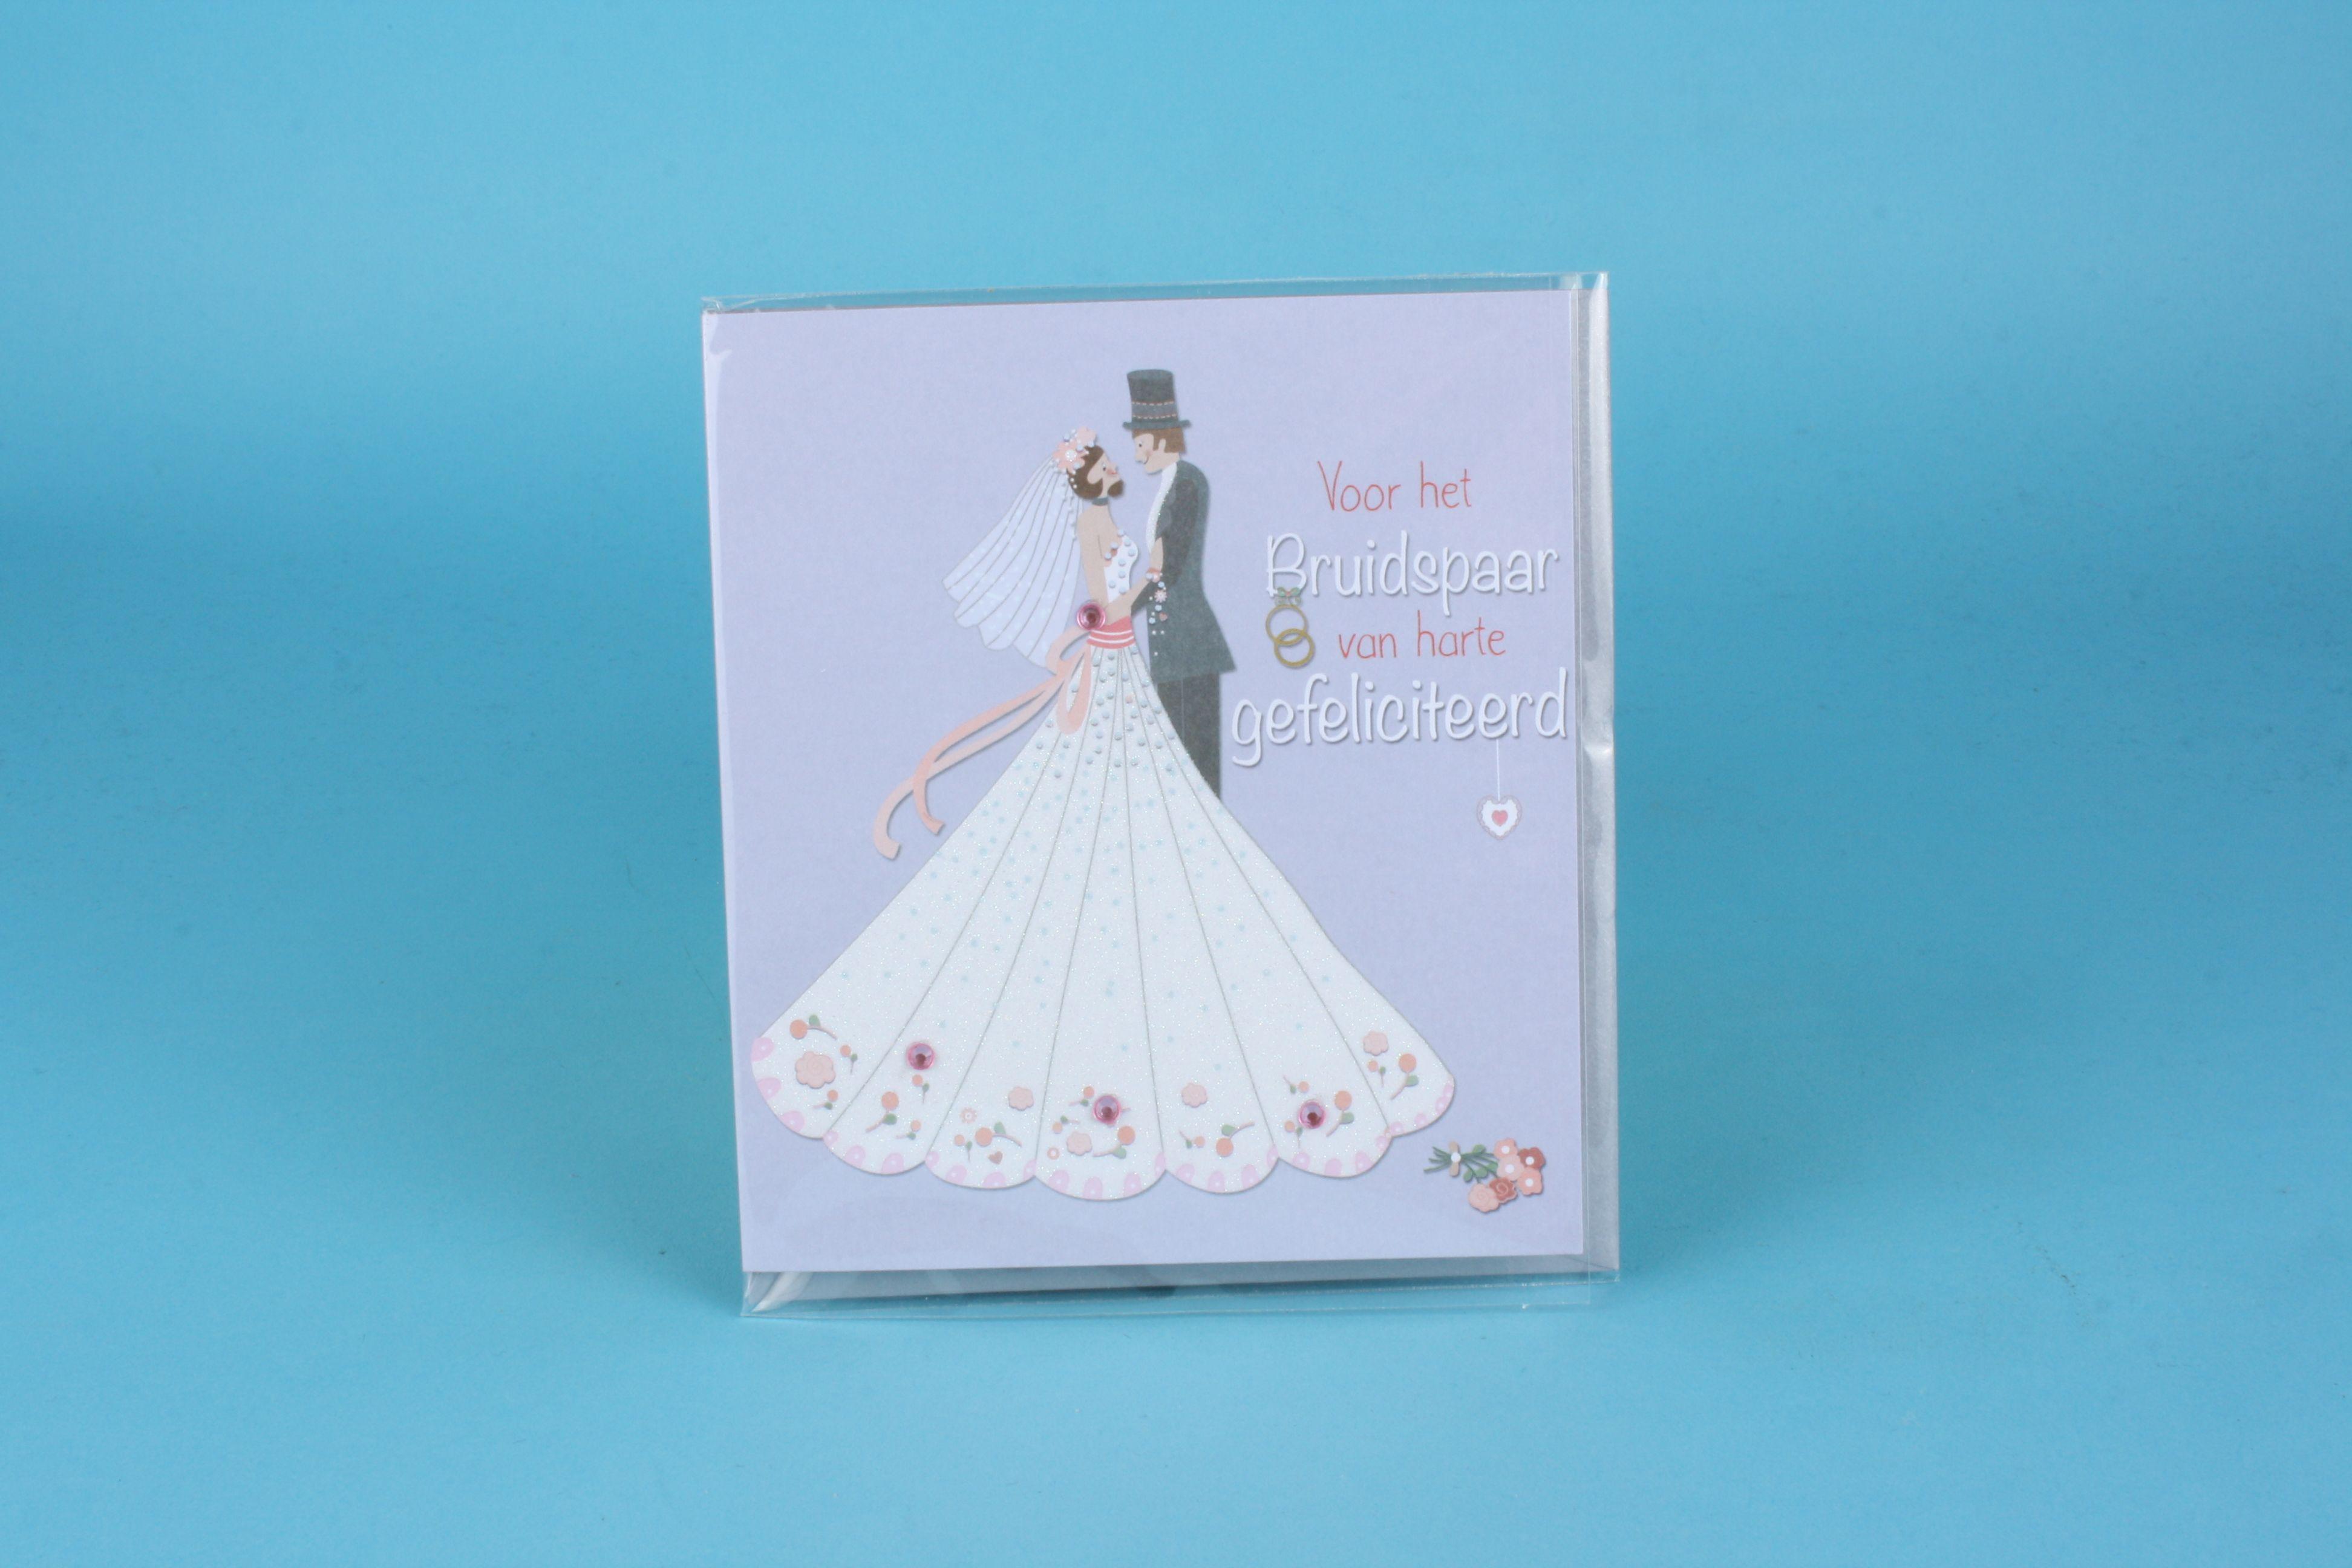 Citaten Voor Bruidspaar : Bb voor het bruidspaar van harte gefeliciteerd heel